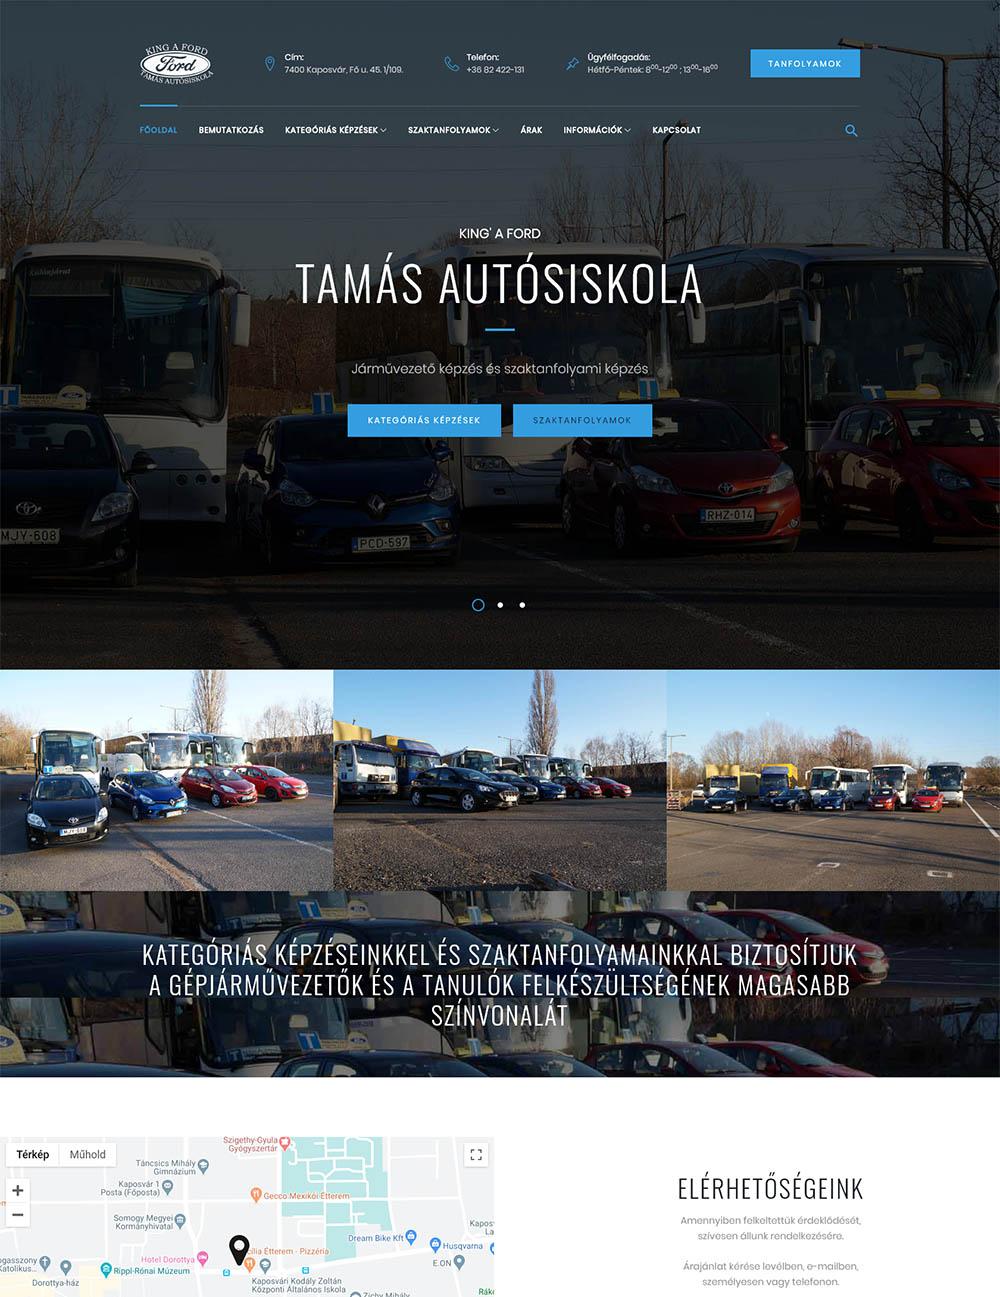 King' a Ford - Tamás Autósiskola Kft.